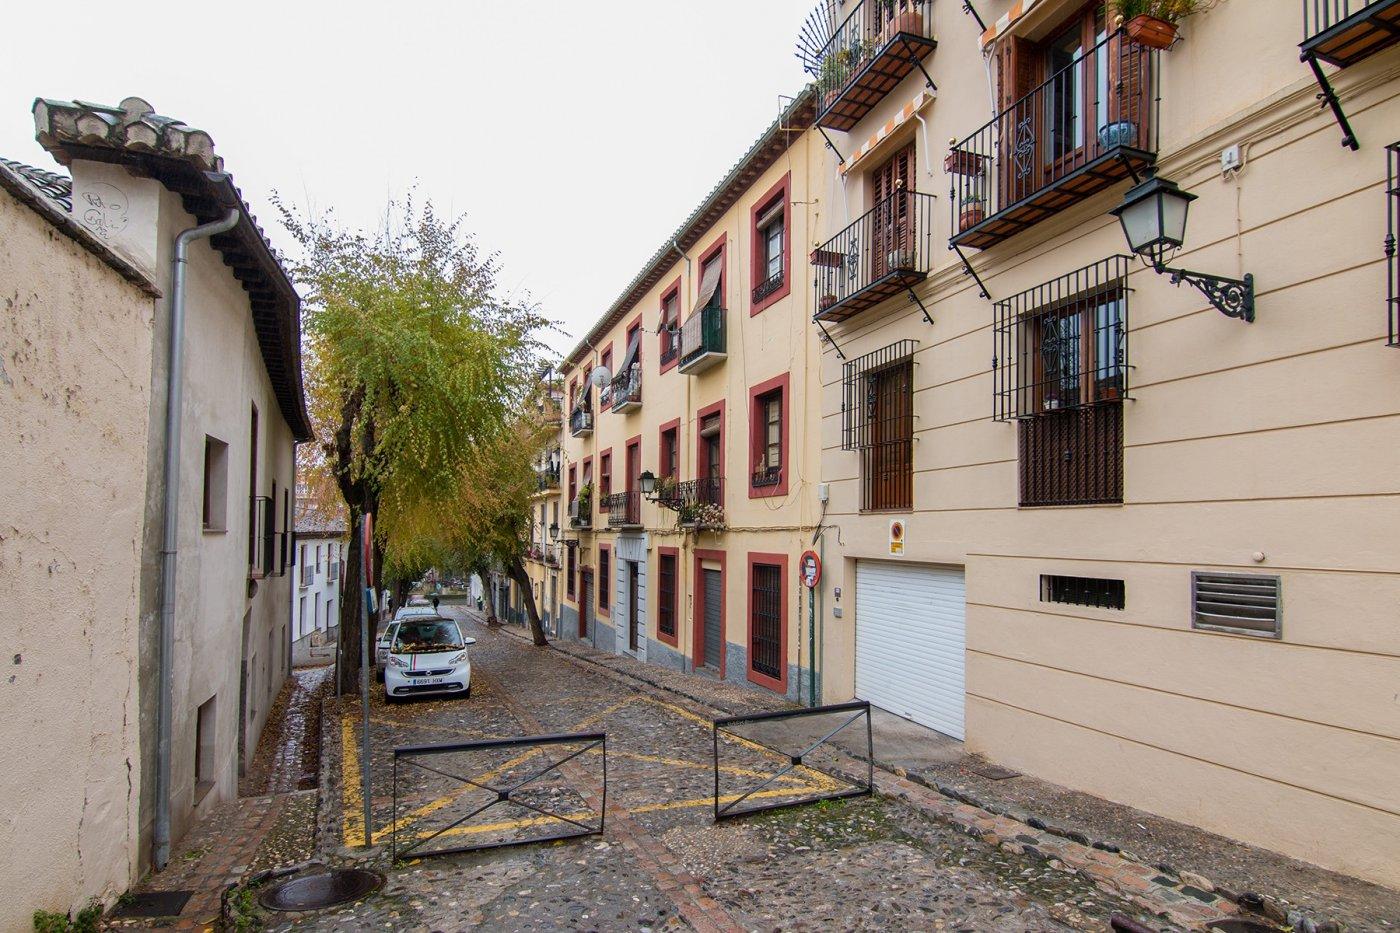 Edificio completo en el Realejo.5 viviendas y un local. Excelente inversión. Ref 20070, Granada